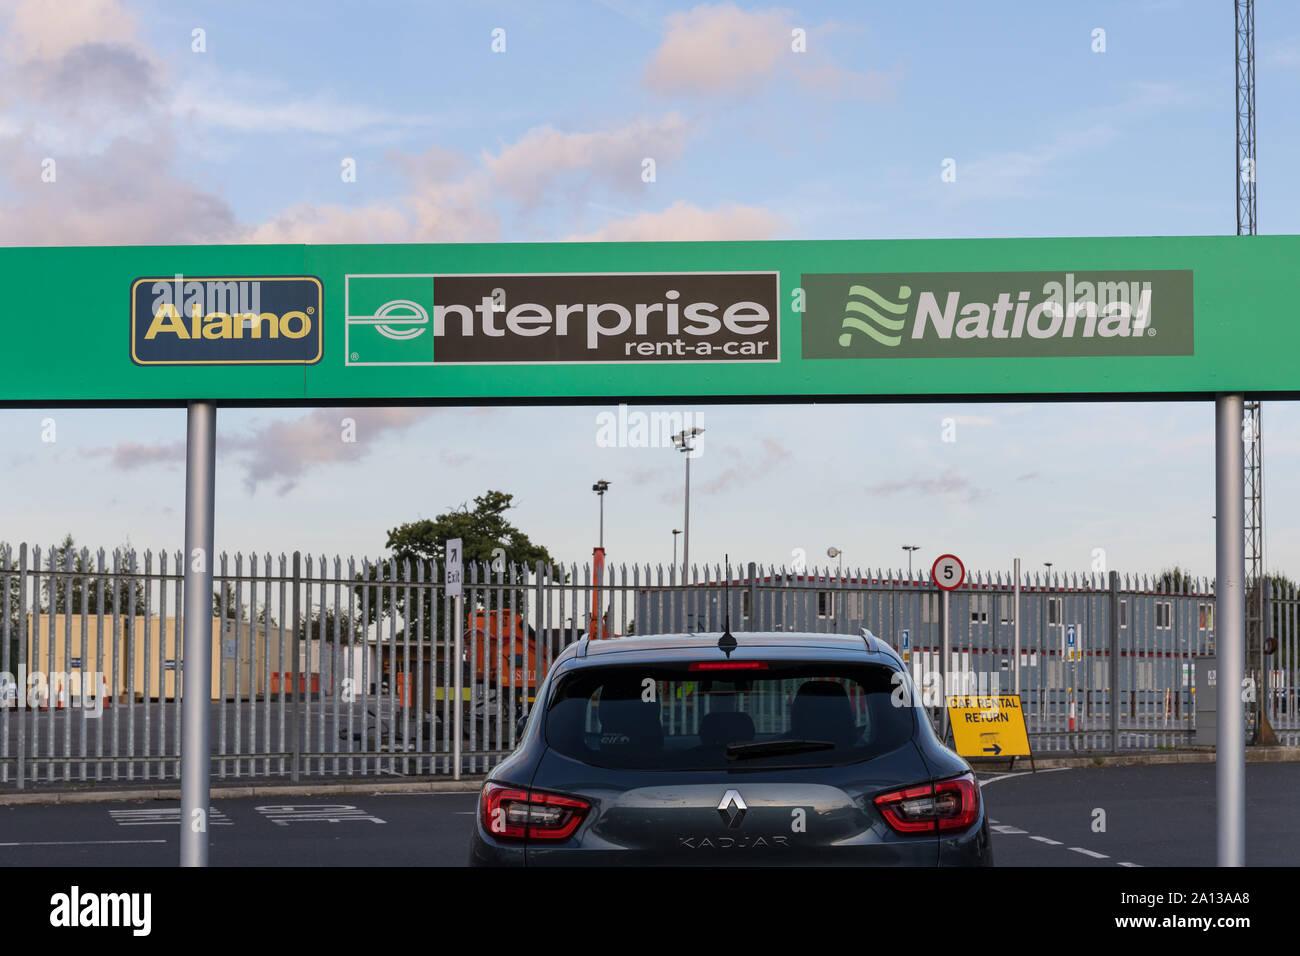 Alamo, Enterprise et signes nationaux à un dépôt de location de voiture - Location de voiture de l'aéroport de Manchester, UK Village Banque D'Images